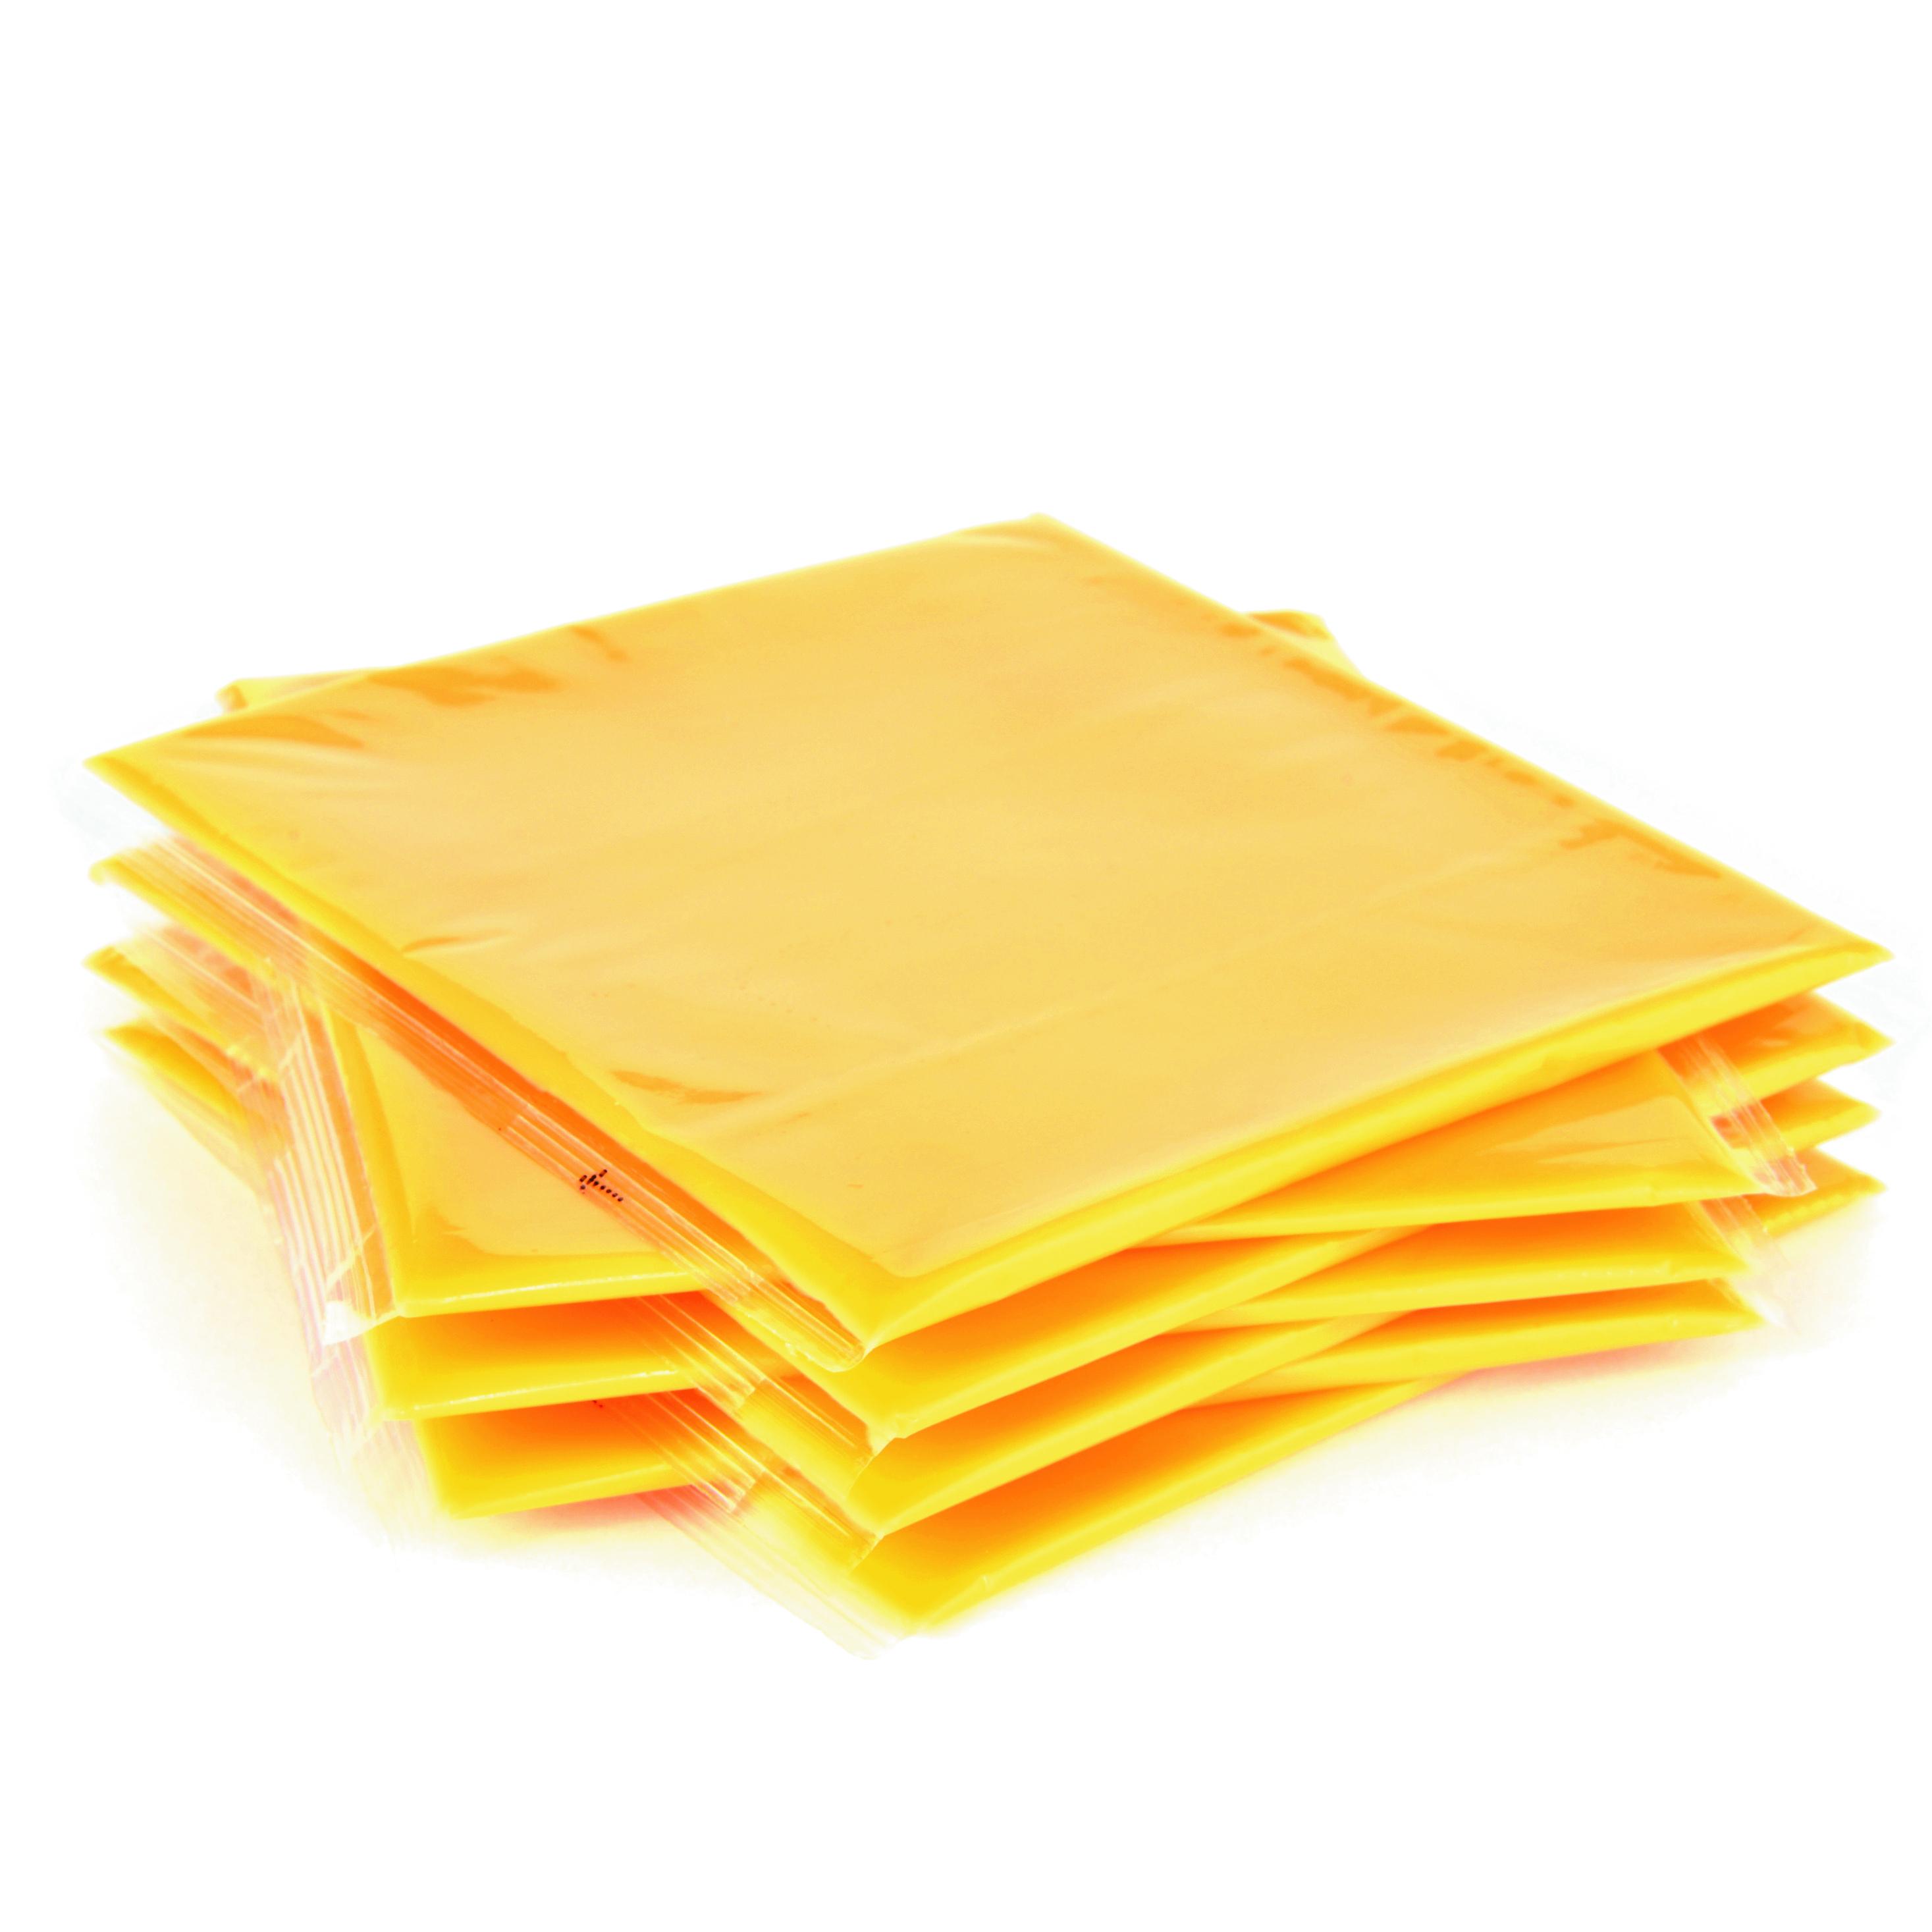 1 Slice of Cheese - Torino Express